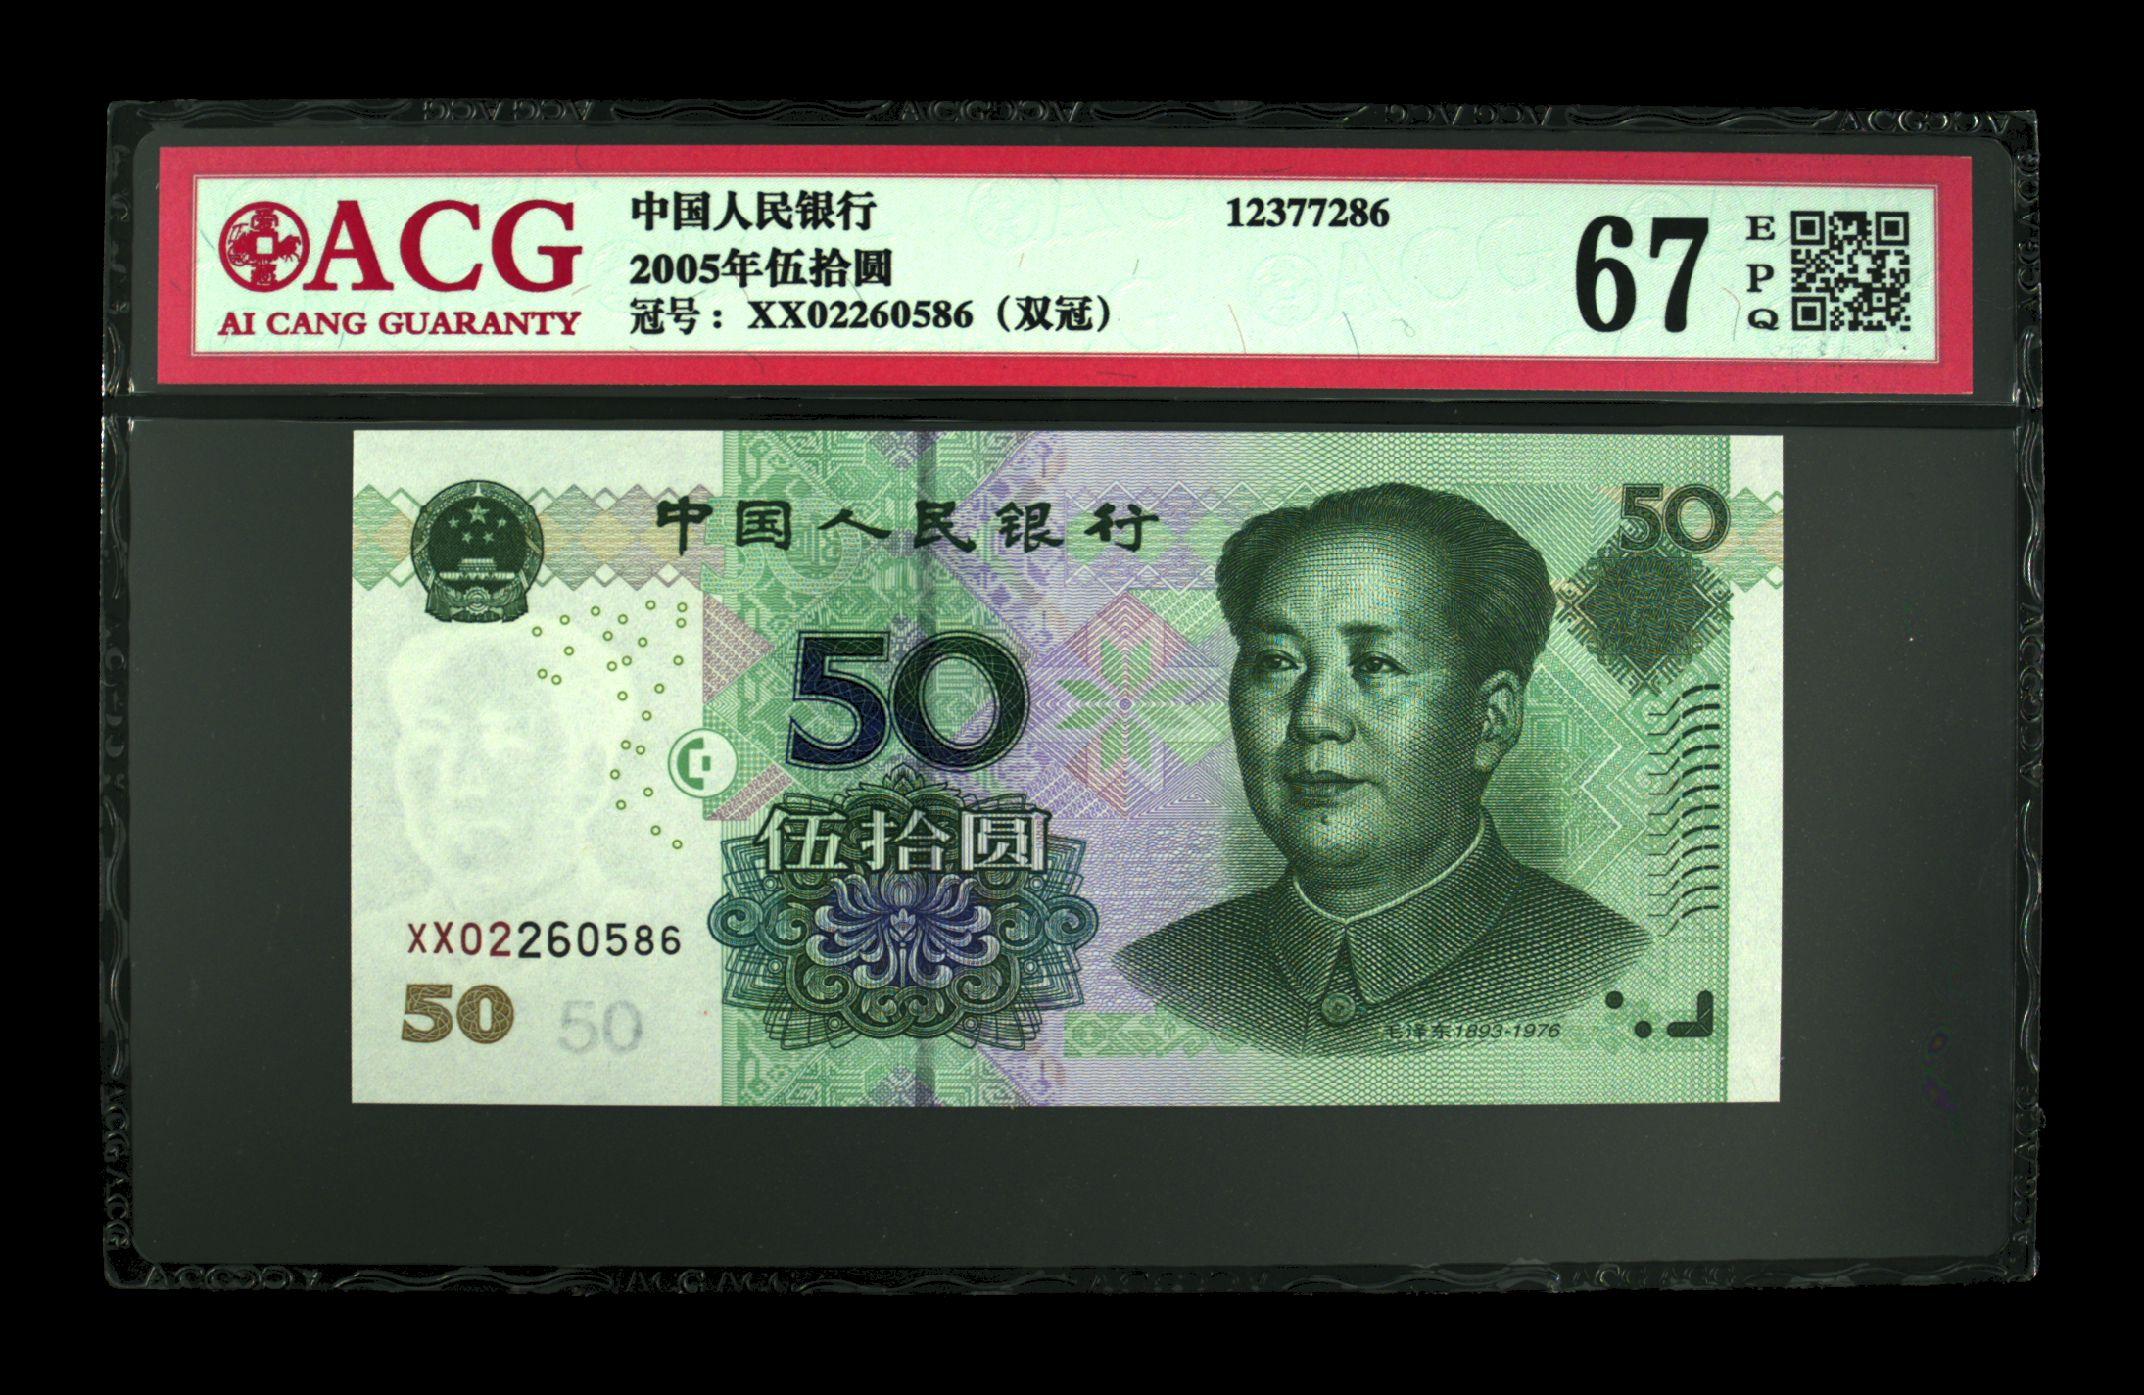 2005年,50元纸币